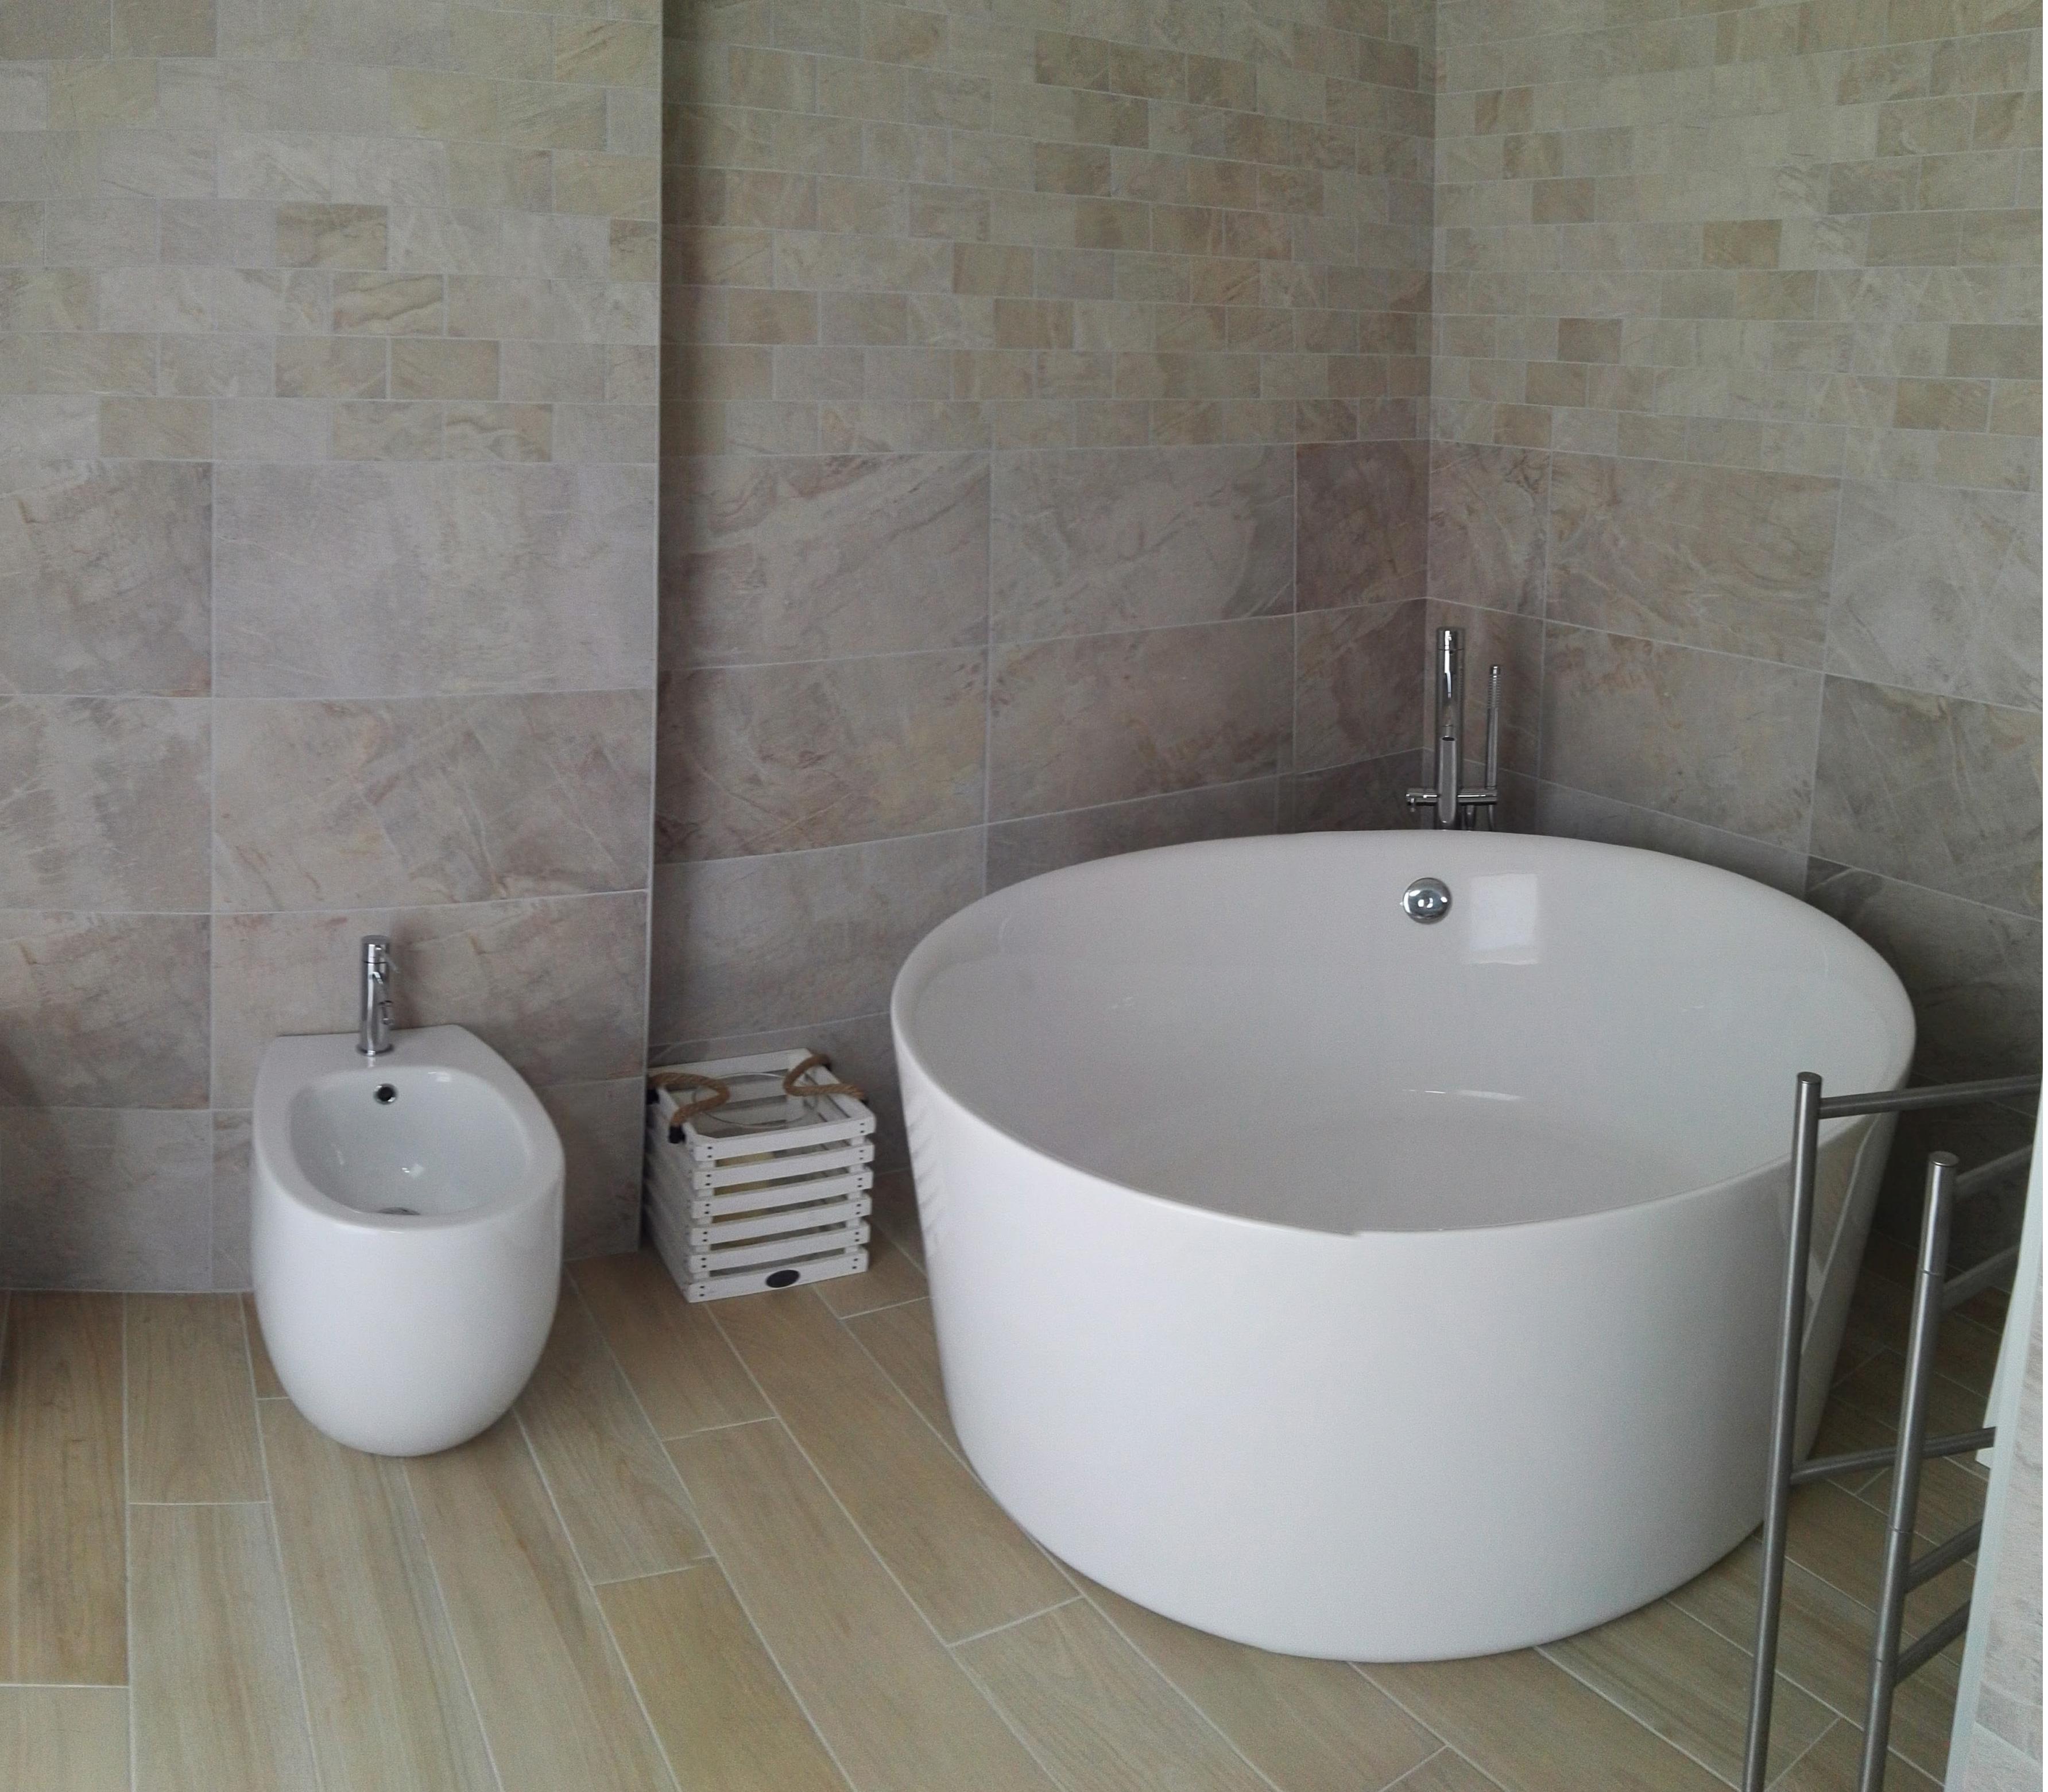 Vasca da bagno freestanding centro stanza Catino